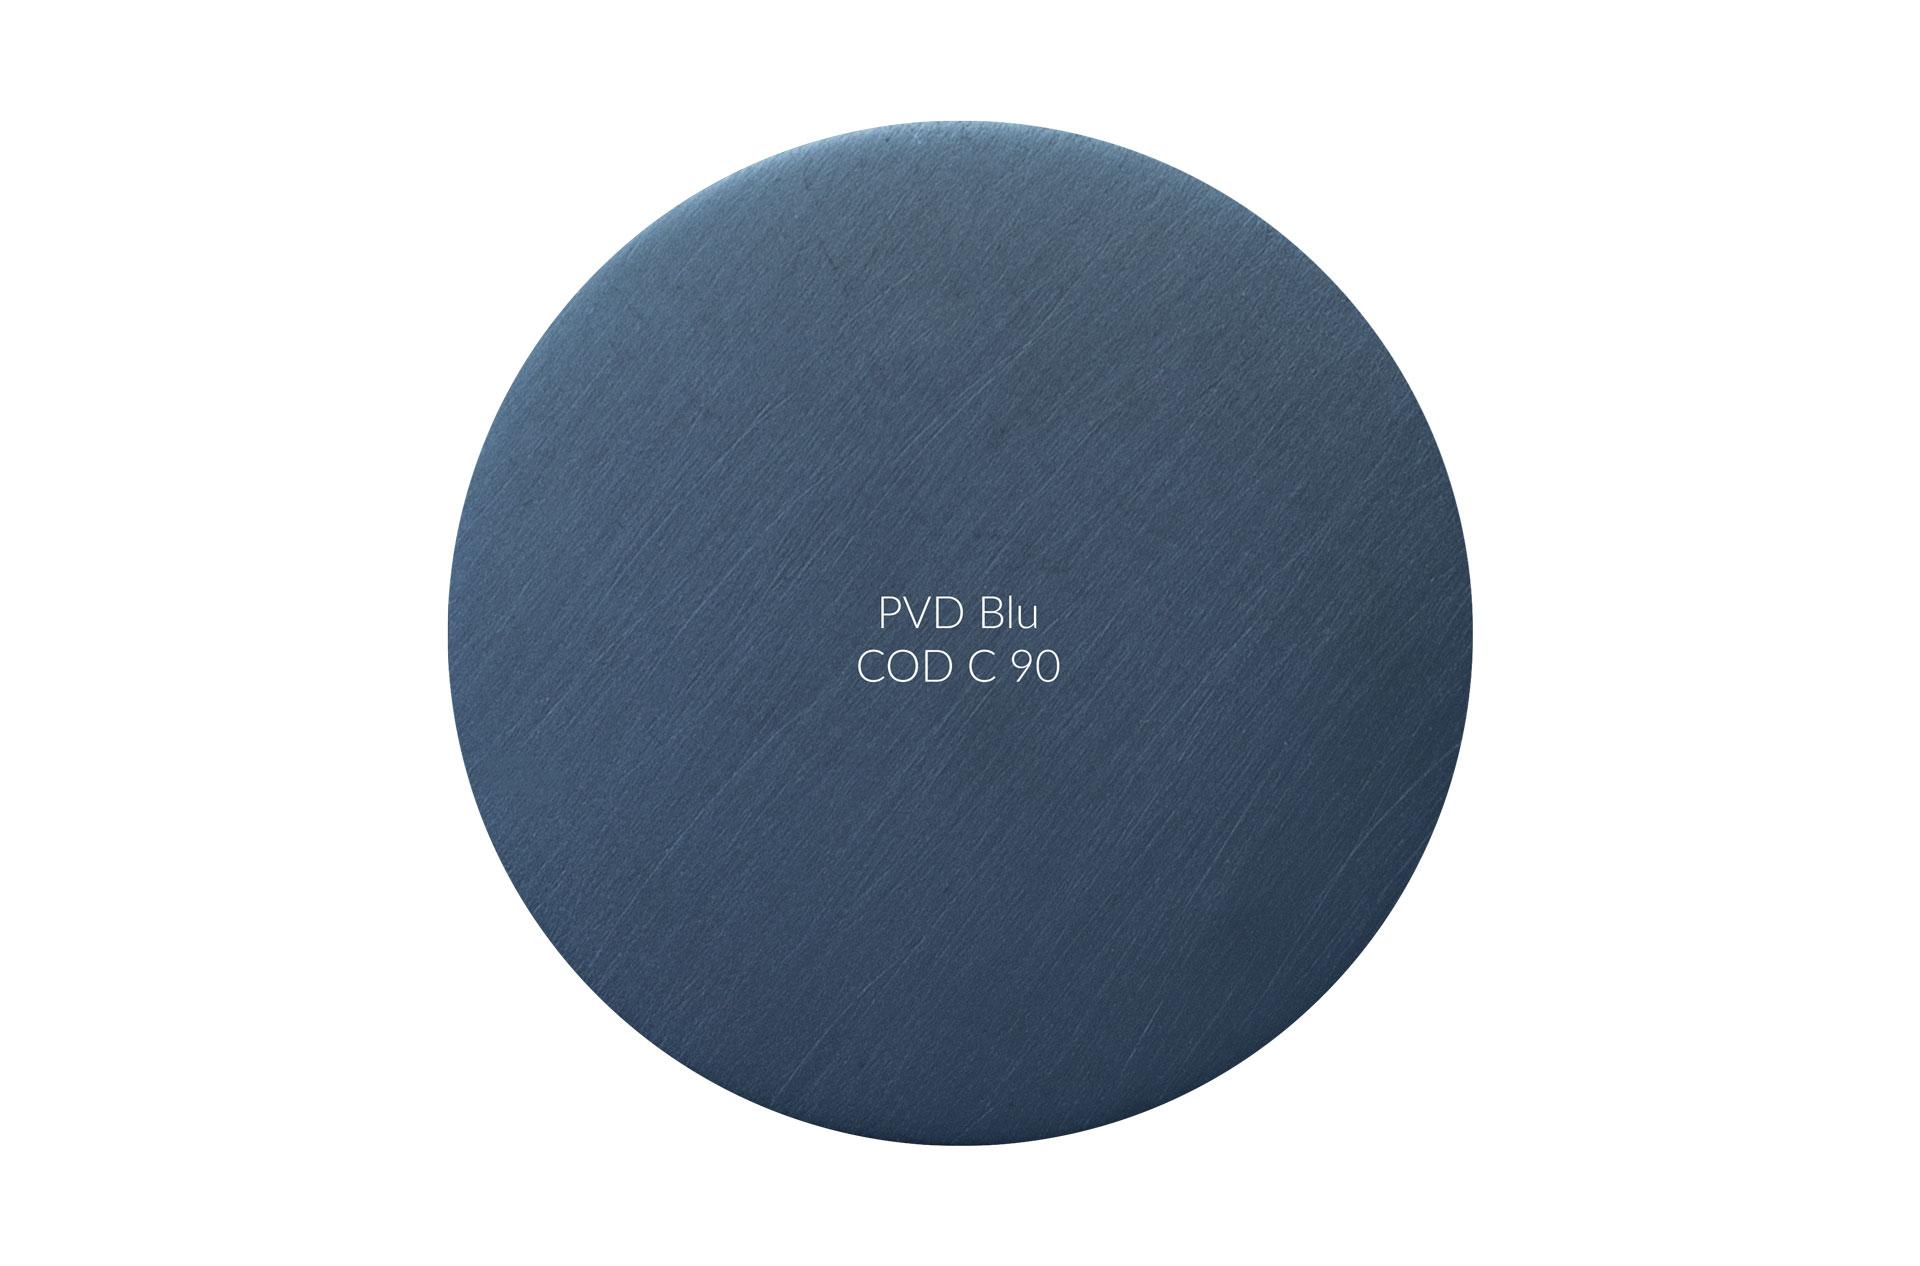 PVD Blu cod 90 graffiato